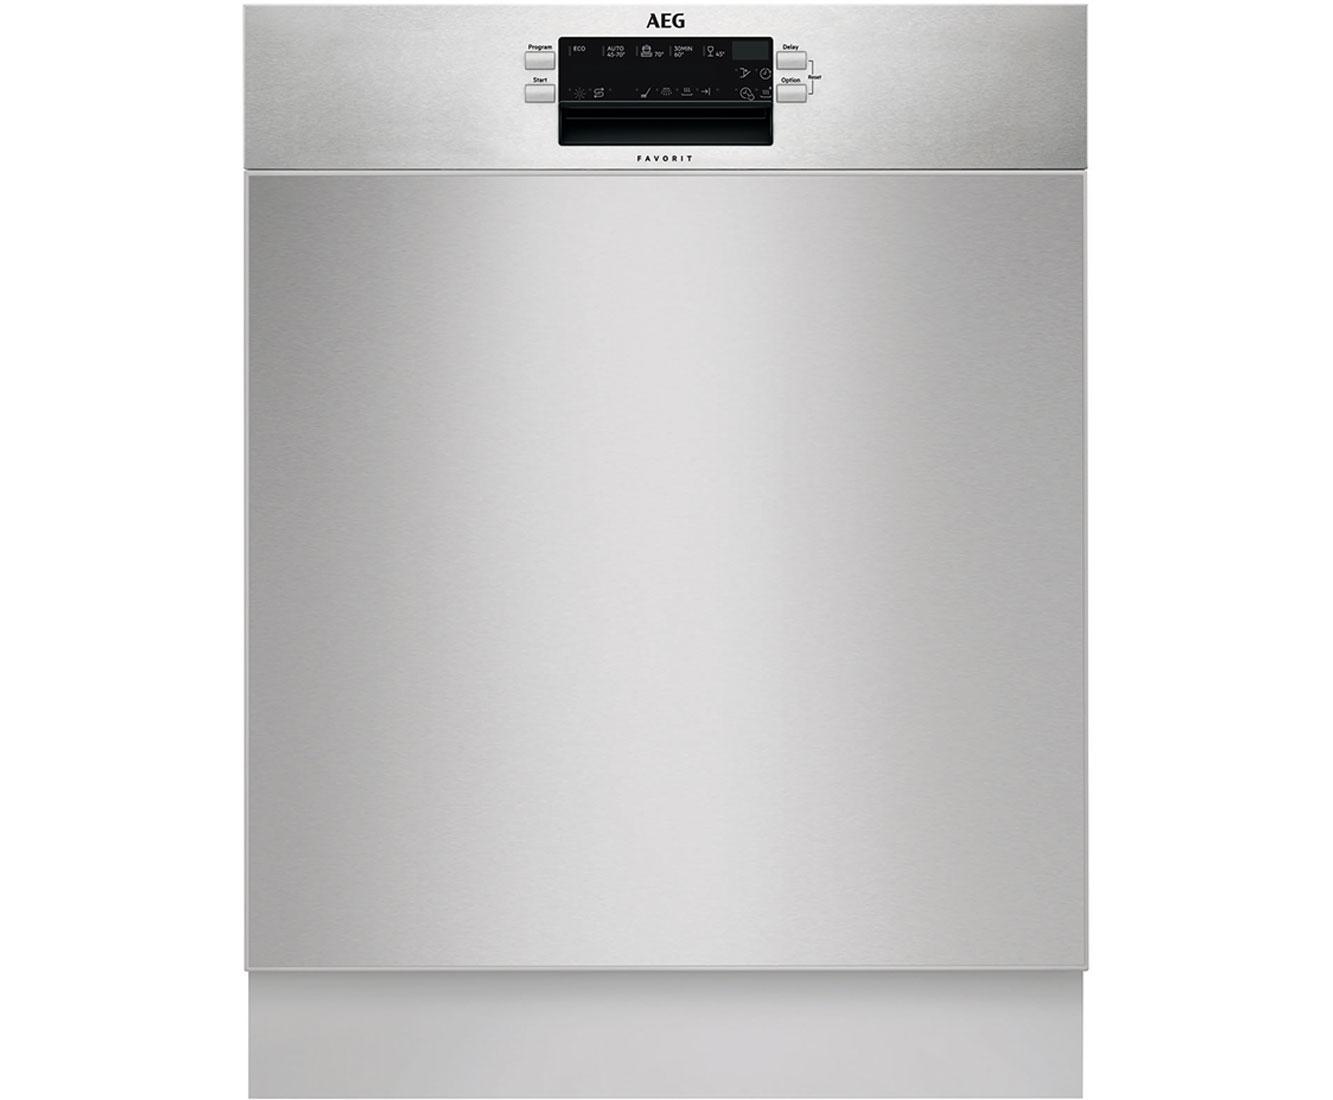 AEG Favorit FUS5260AZM Geschirrspüler 60 cm - Edelstahl | Küche und Esszimmer > Küchenelektrogeräte > Gefrierschränke | Edelstahl | AEG